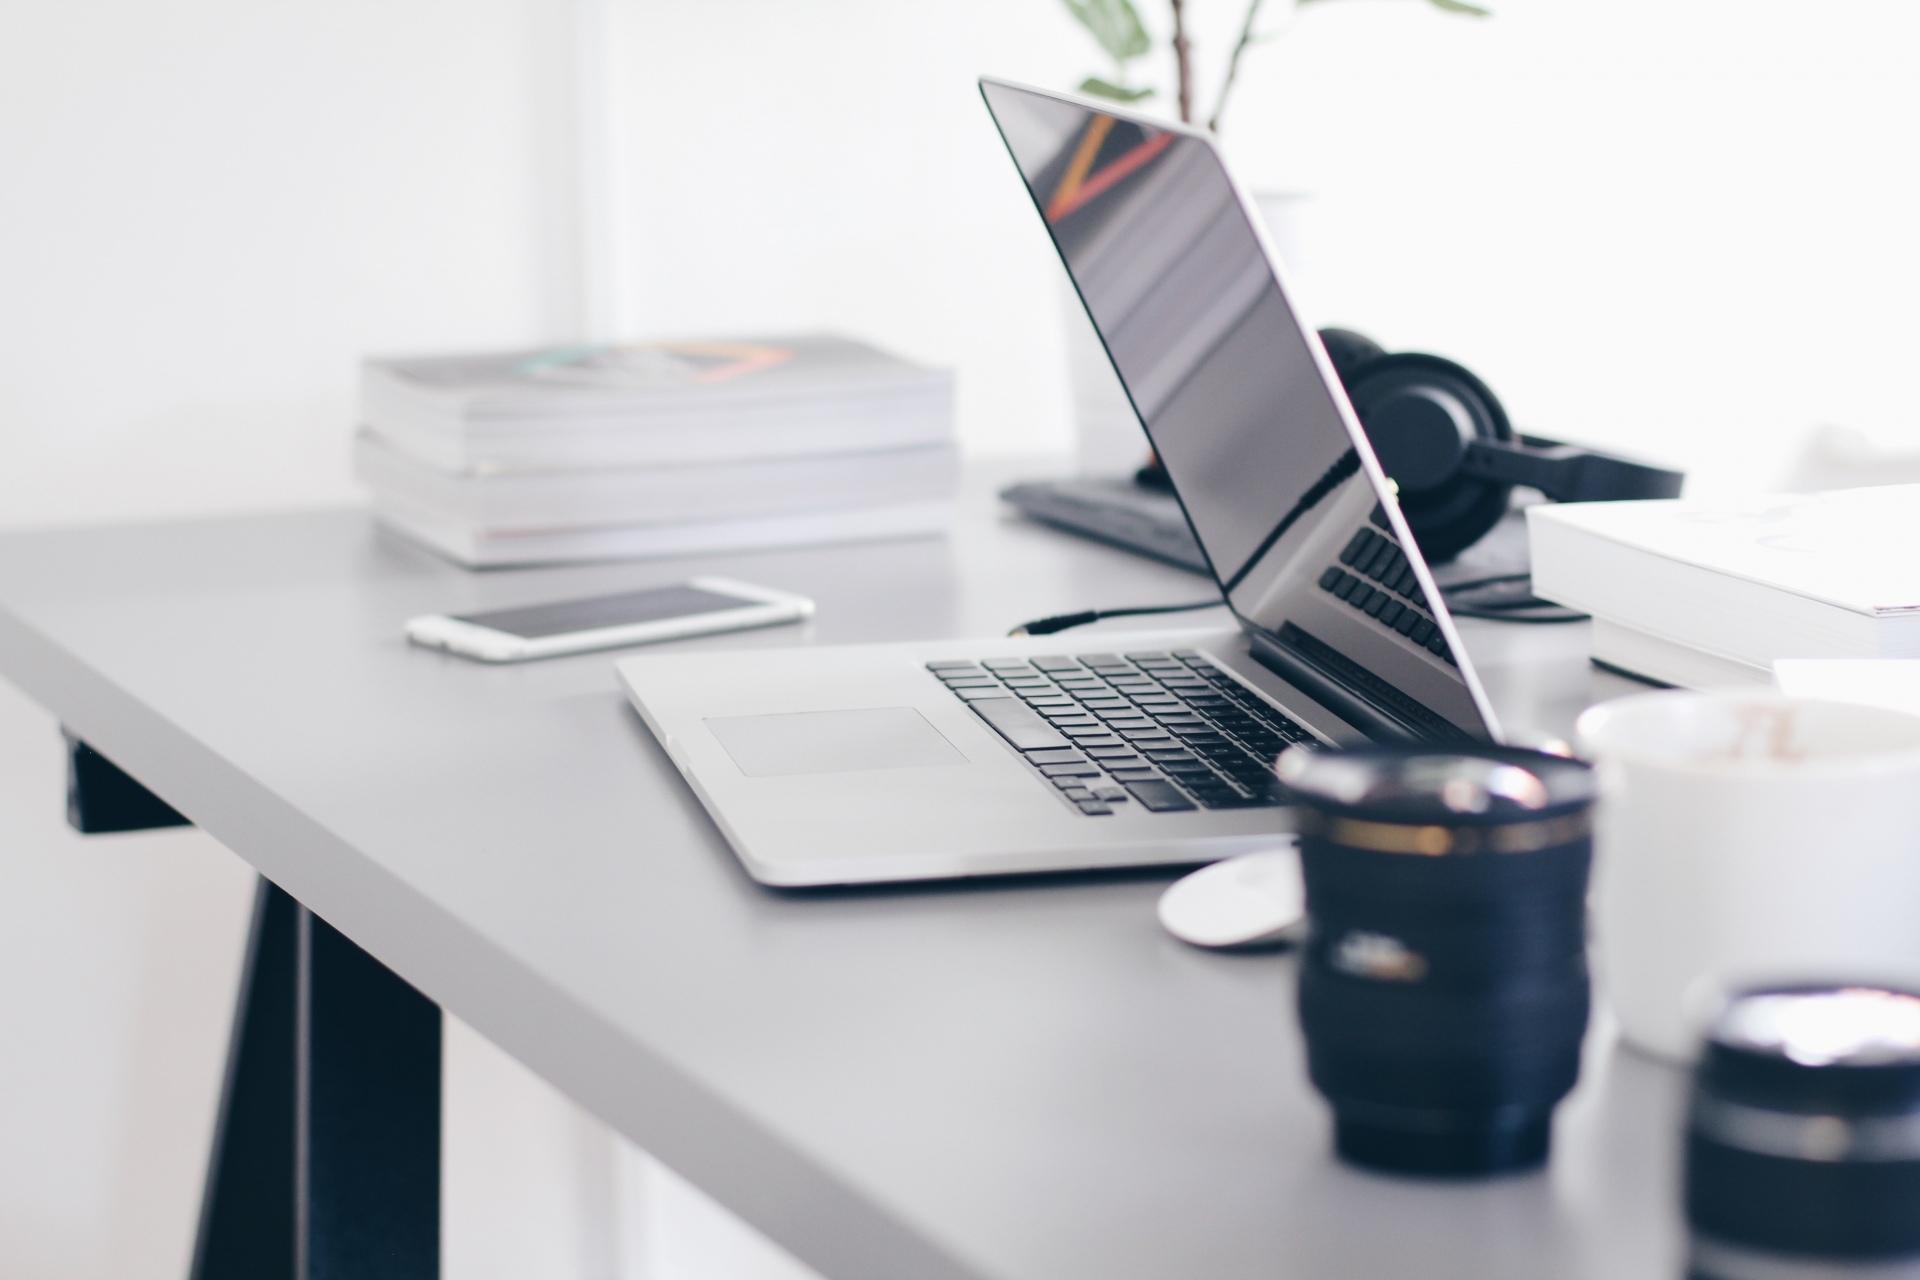 Foto: MacBook usw. auf Schreibtisch